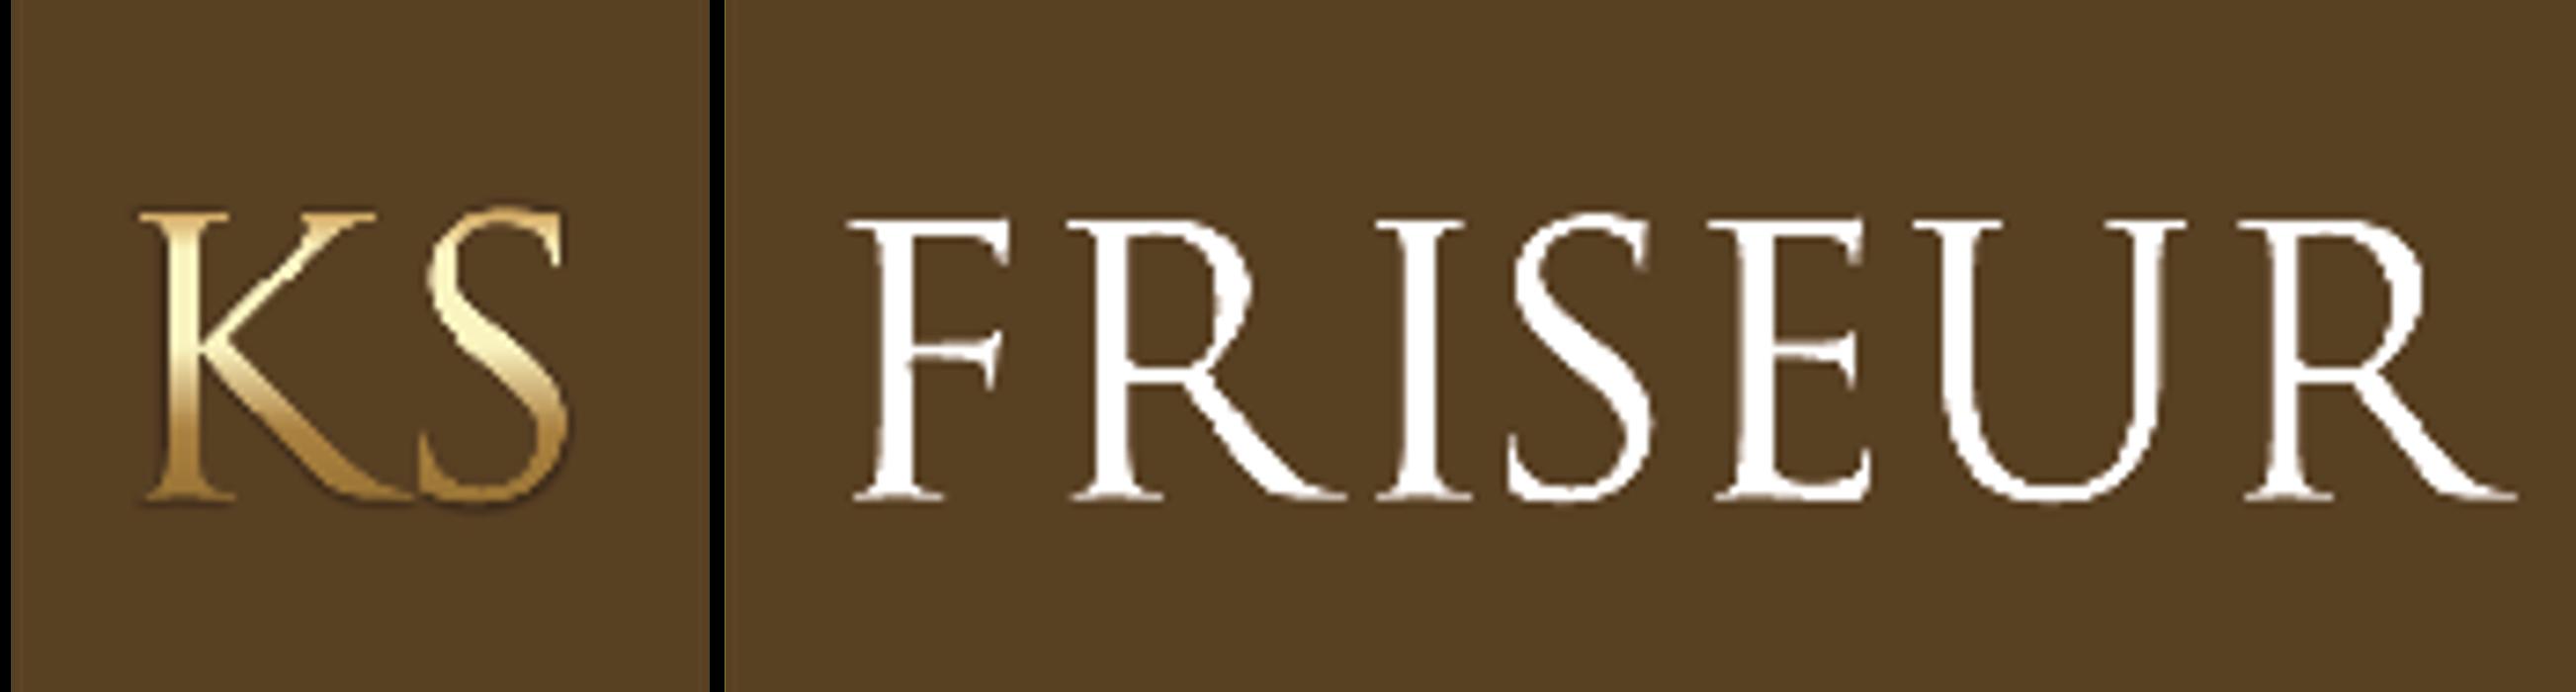 KS Friseur